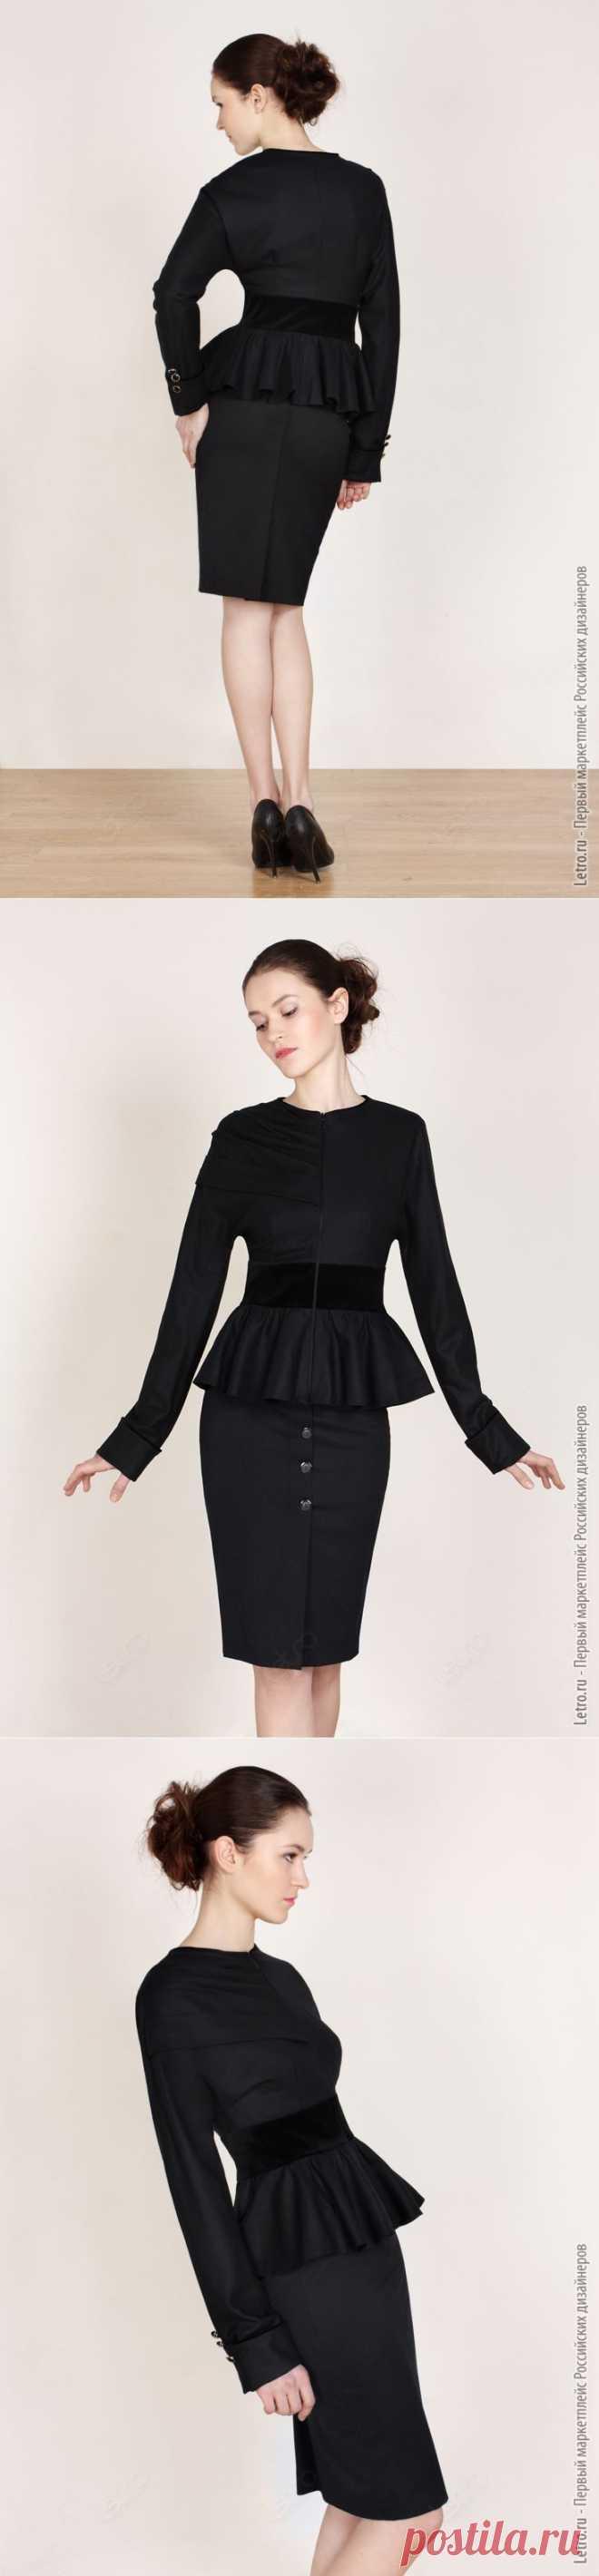 Изящный черный жакет с бархатной вставкой на линии талии. Универсальный вариант, чтобы подчеркнуть свою индивидуальность и женственность.